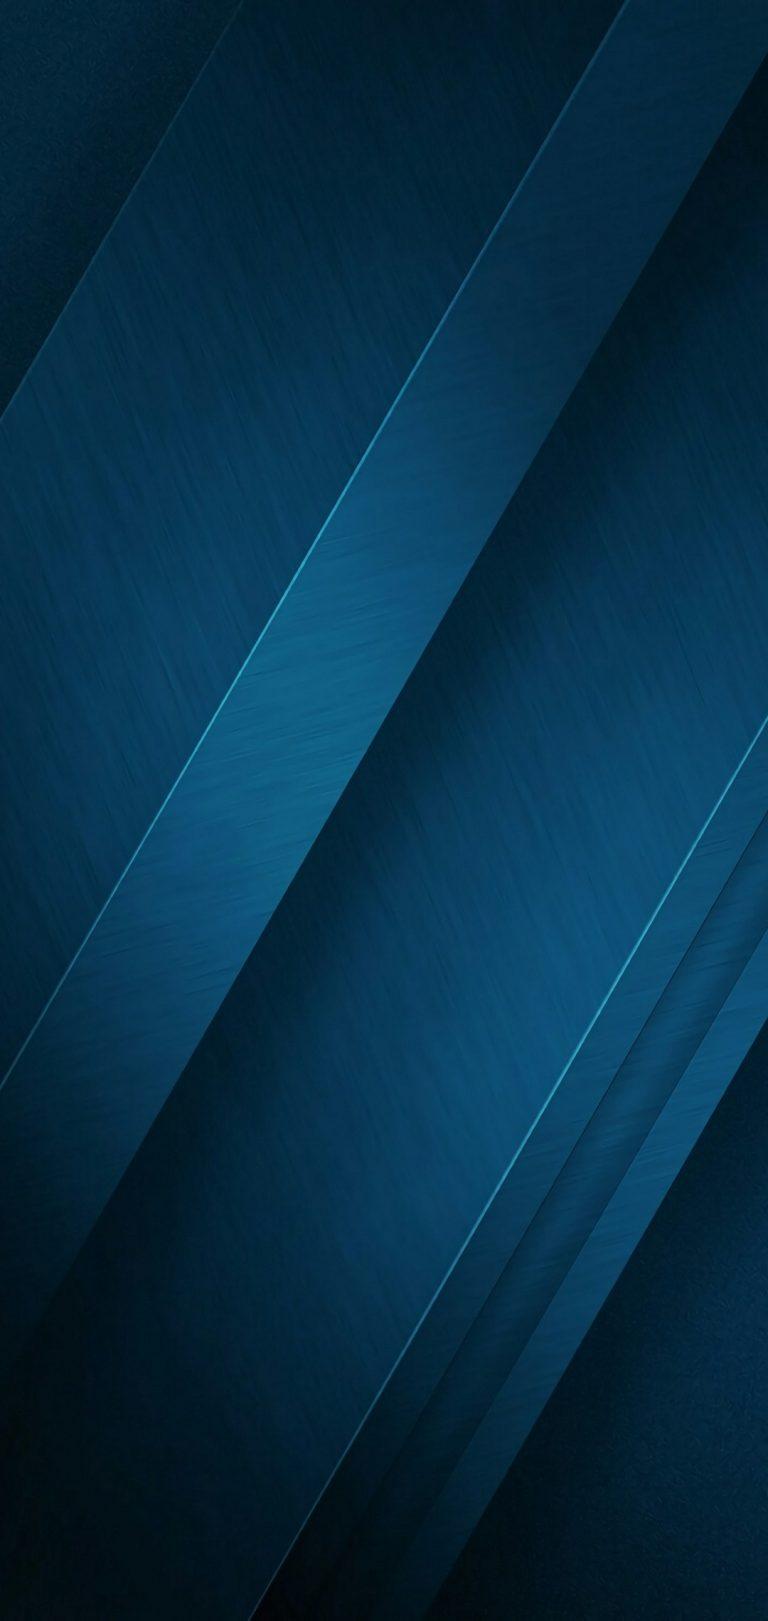 1080x2280 Wallpaper 070 768x1621